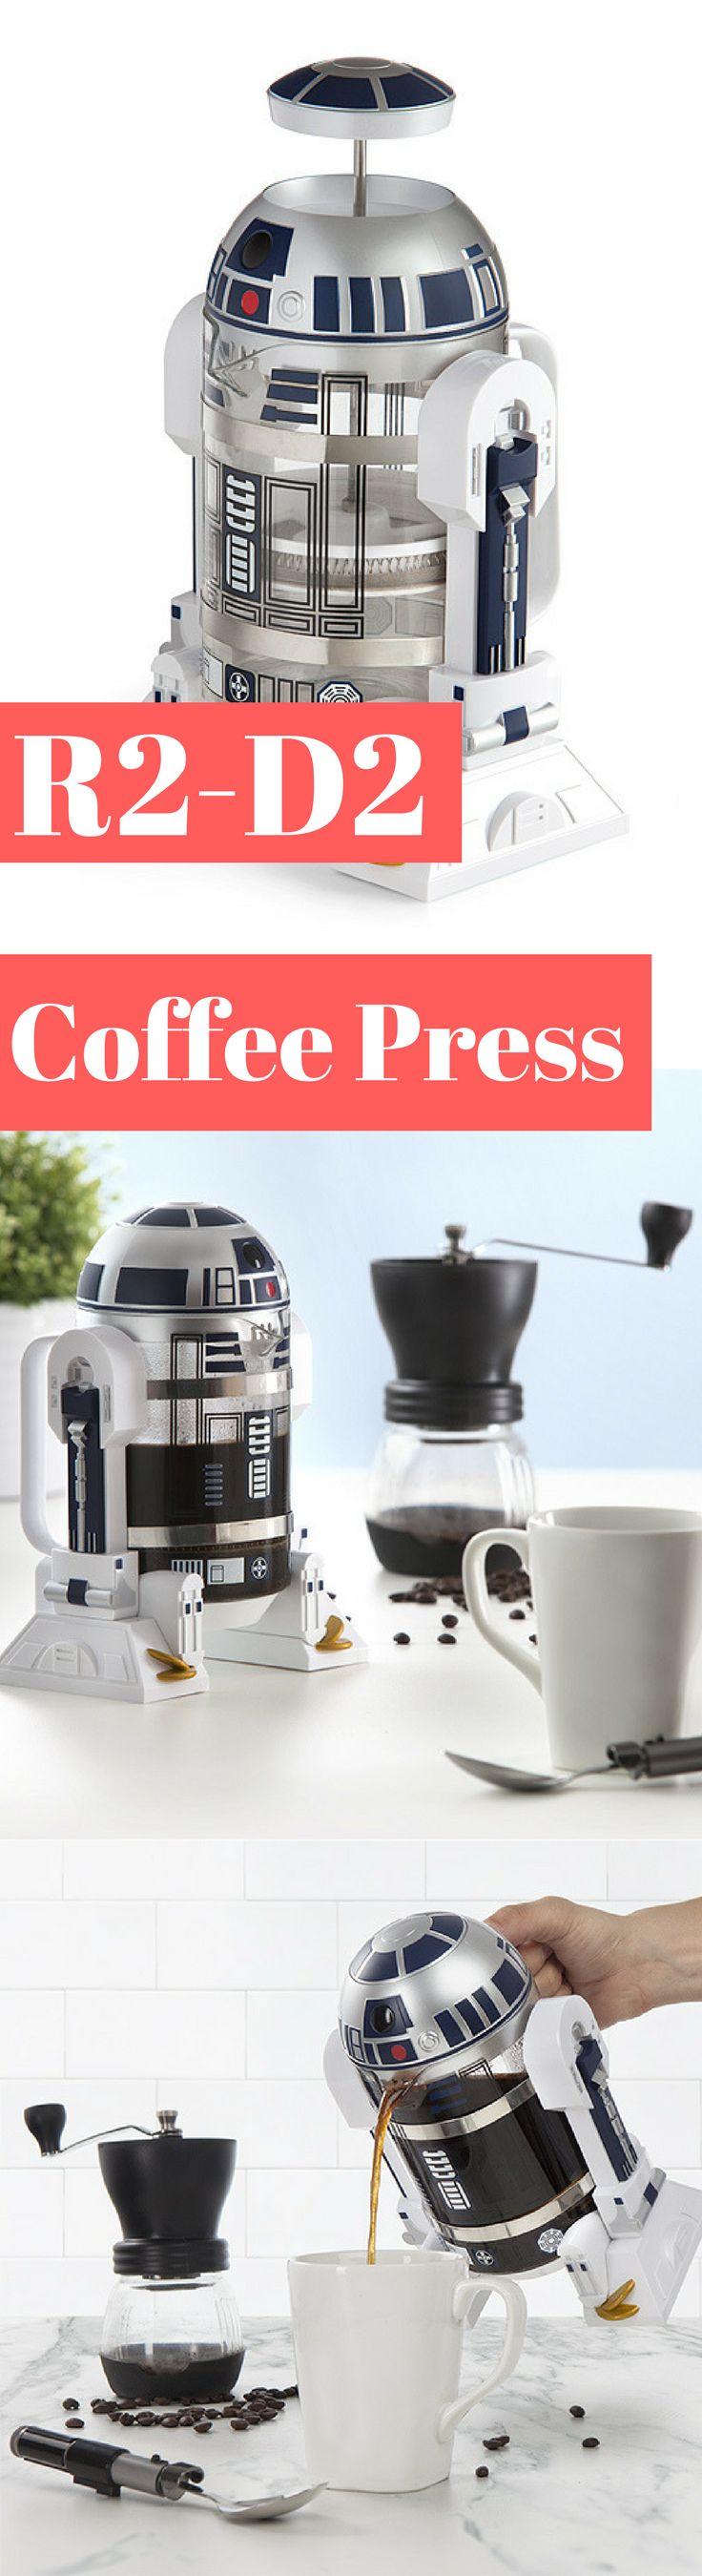 Star Wars R2-D2 Coffee Press - Star Wars Kitchen items #starwars #kitchen #coffepress #r2d2